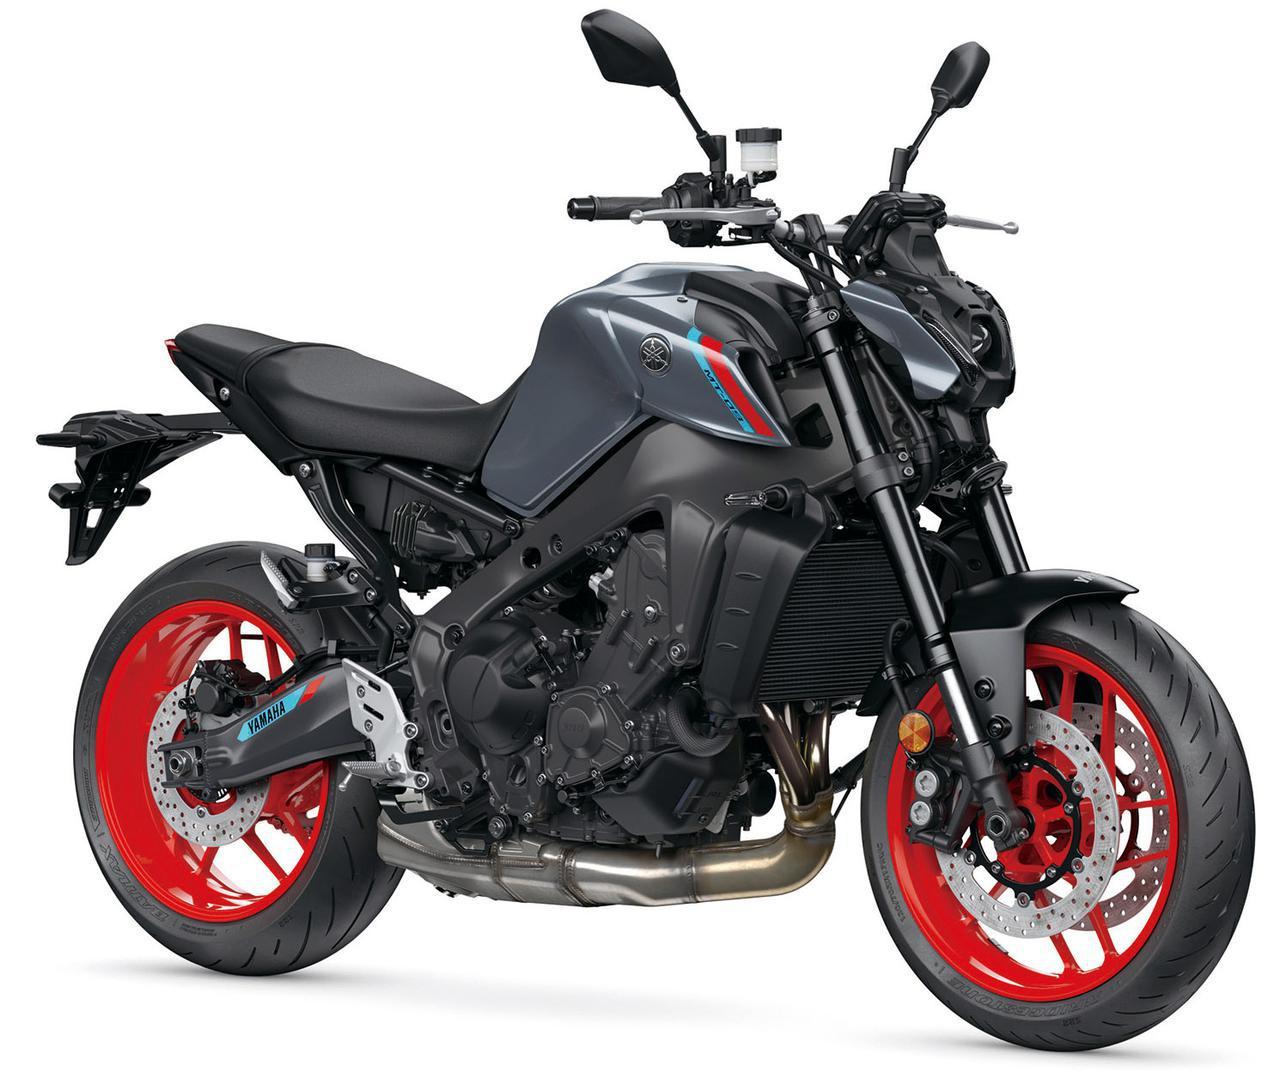 画像: ヤマハ 新型「MT-09」 総排気量:890cc エンジン形式:水冷4ストDOHC4バルブ並列3気筒 シート高:825mm 車両重量:189kg ※写真・スペックは欧州仕様車